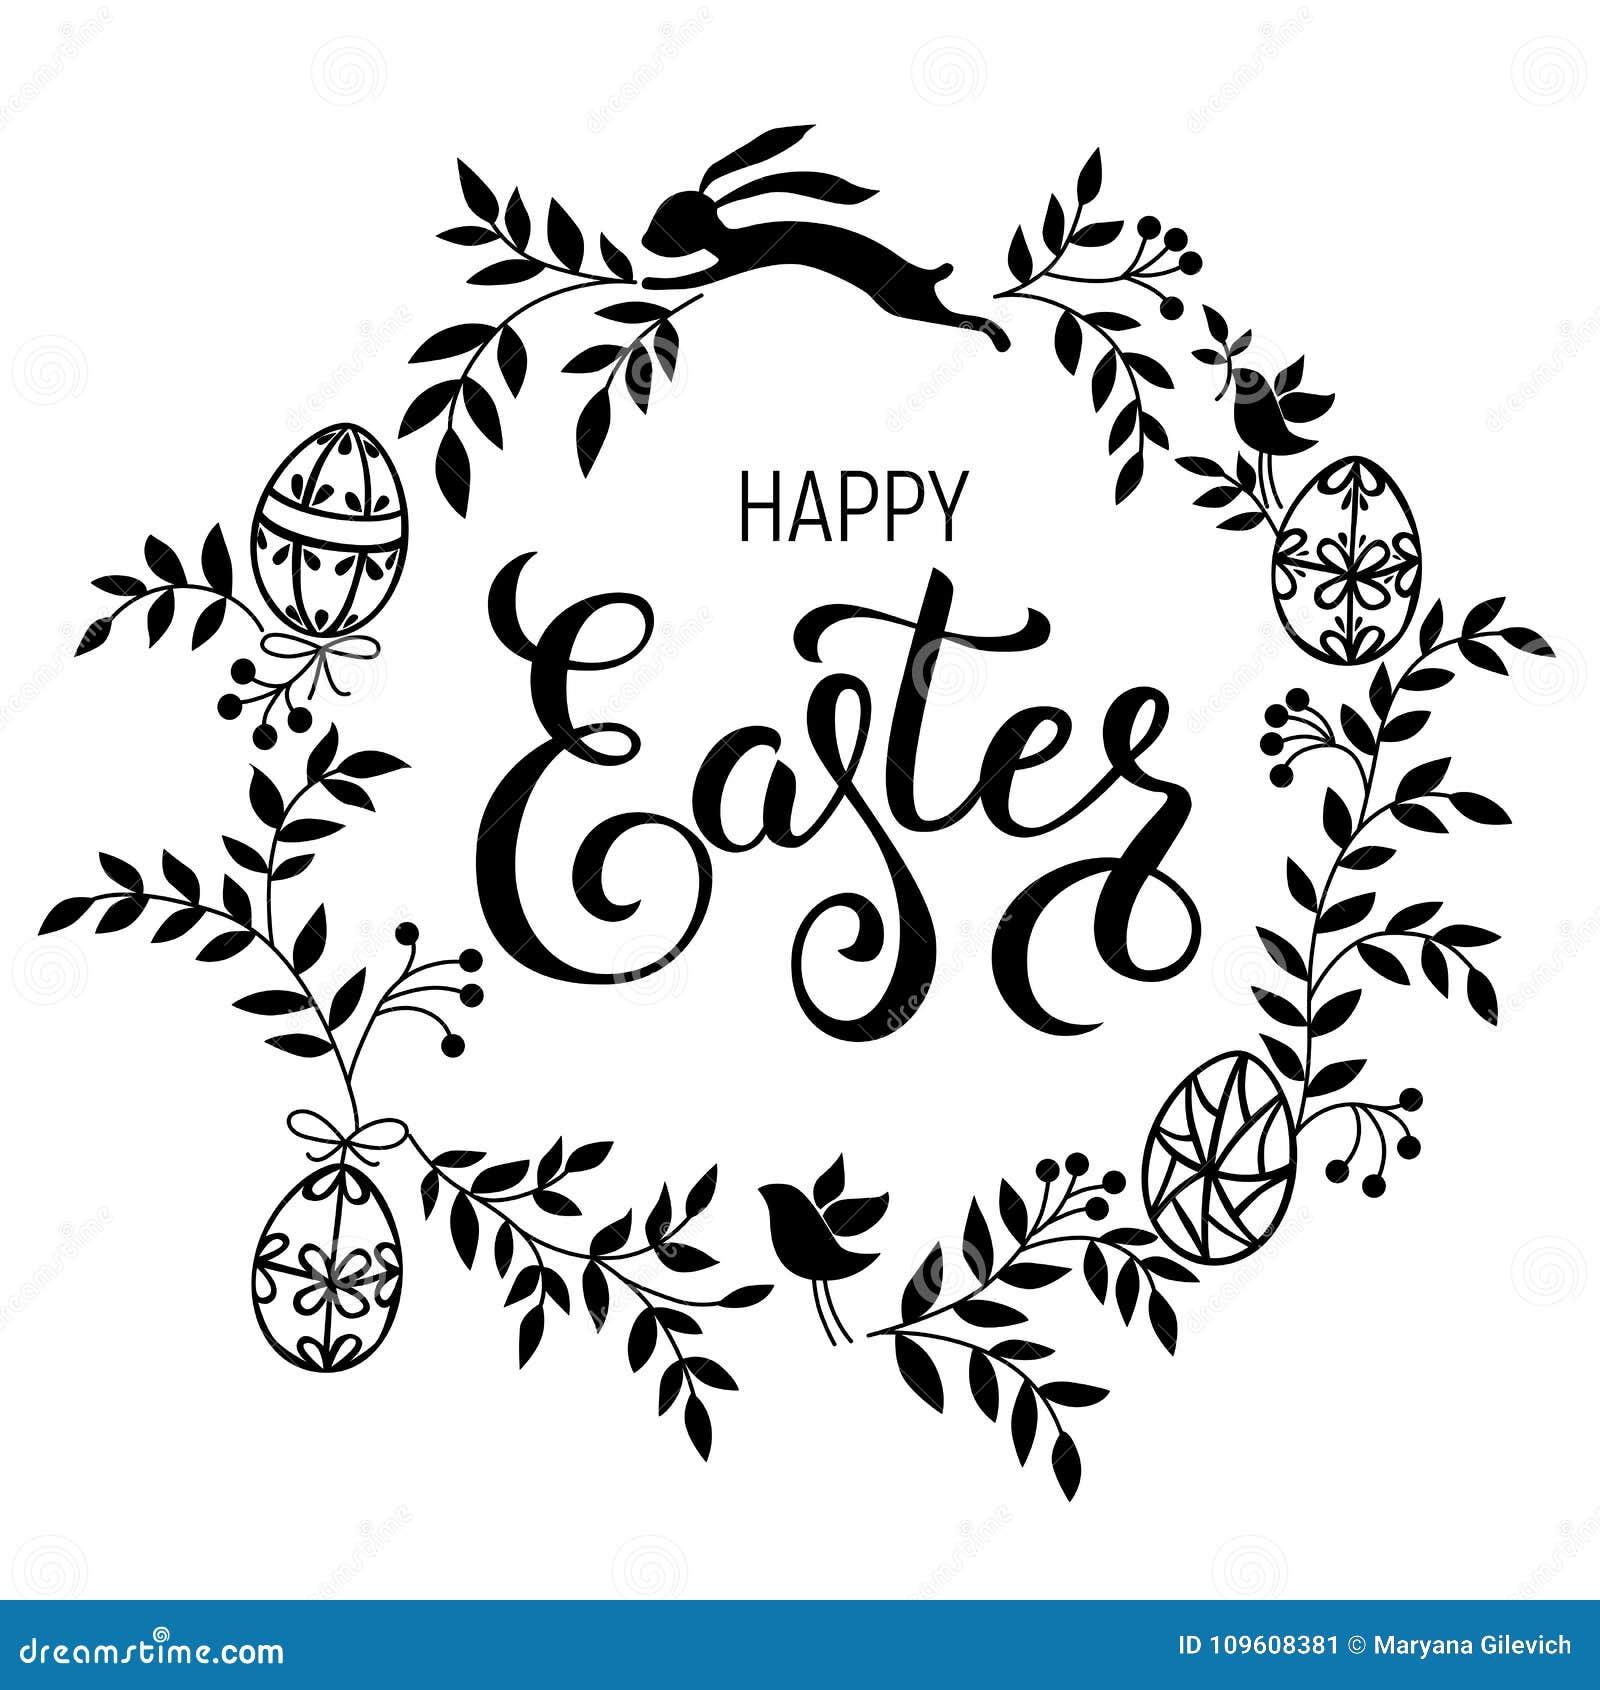 Happy Easter Handwritten Calligraphic Vector Illustration ...